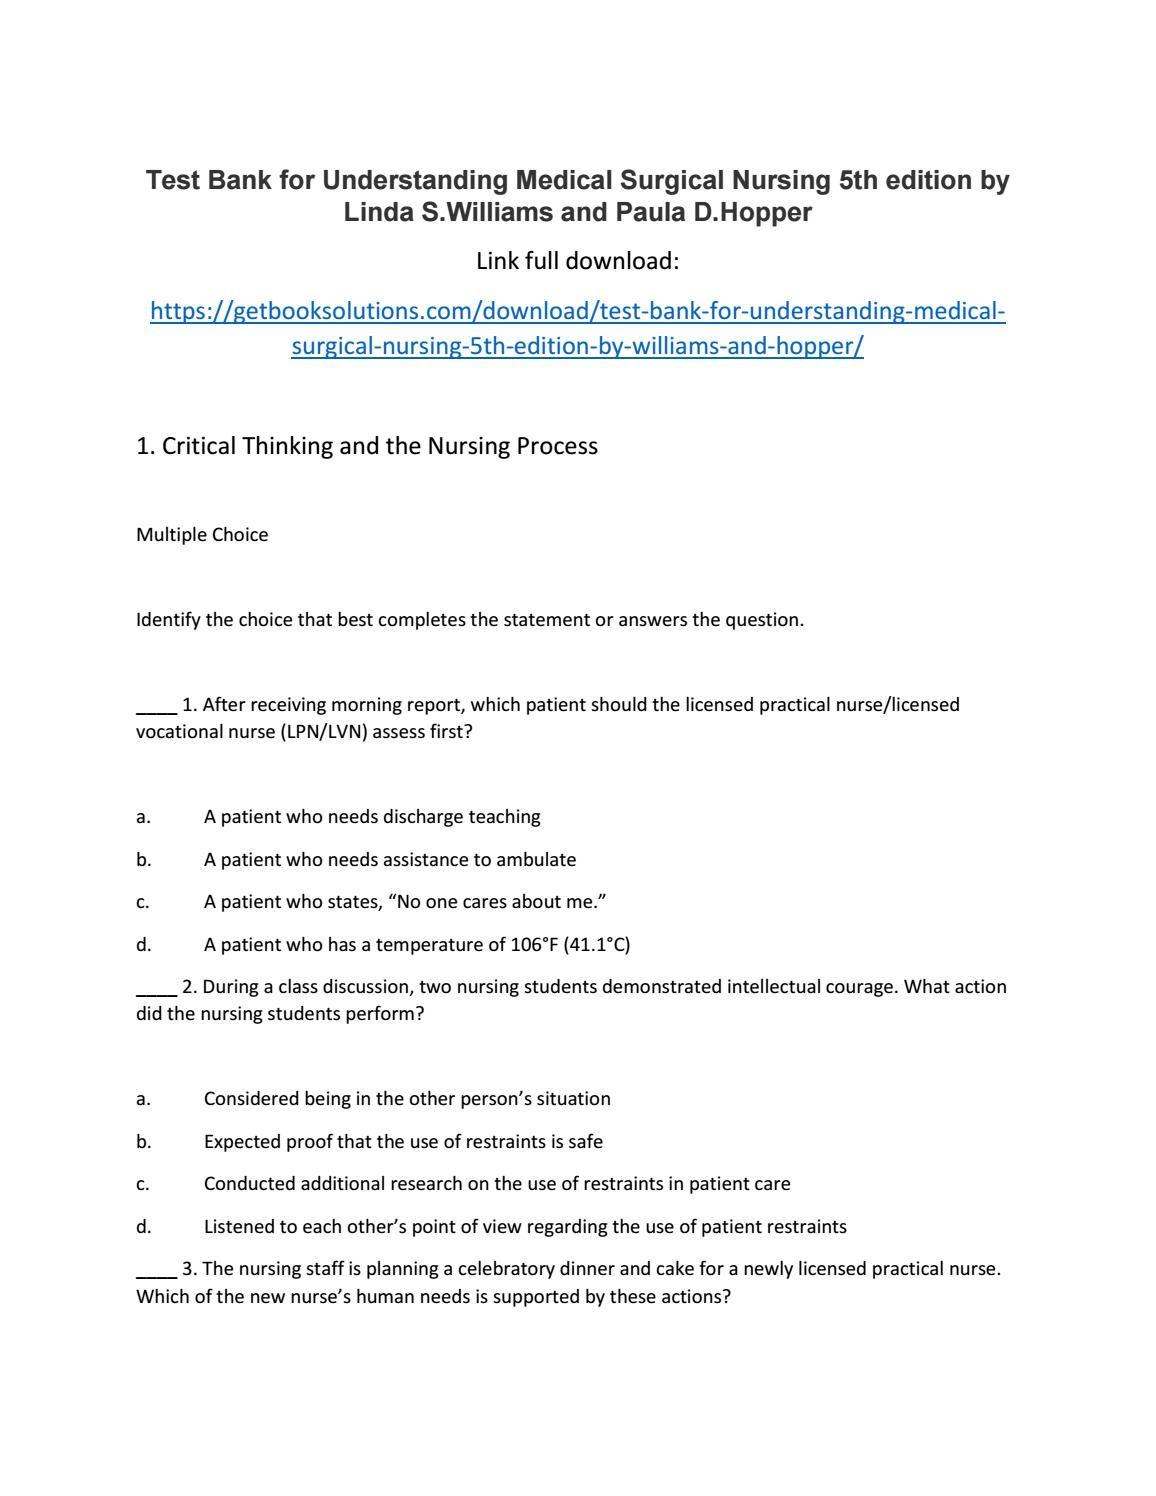 Test bank for understanding medical surgical nursing 5th edition by test bank for understanding medical surgical nursing 5th edition by williams and hopper fandeluxe Images